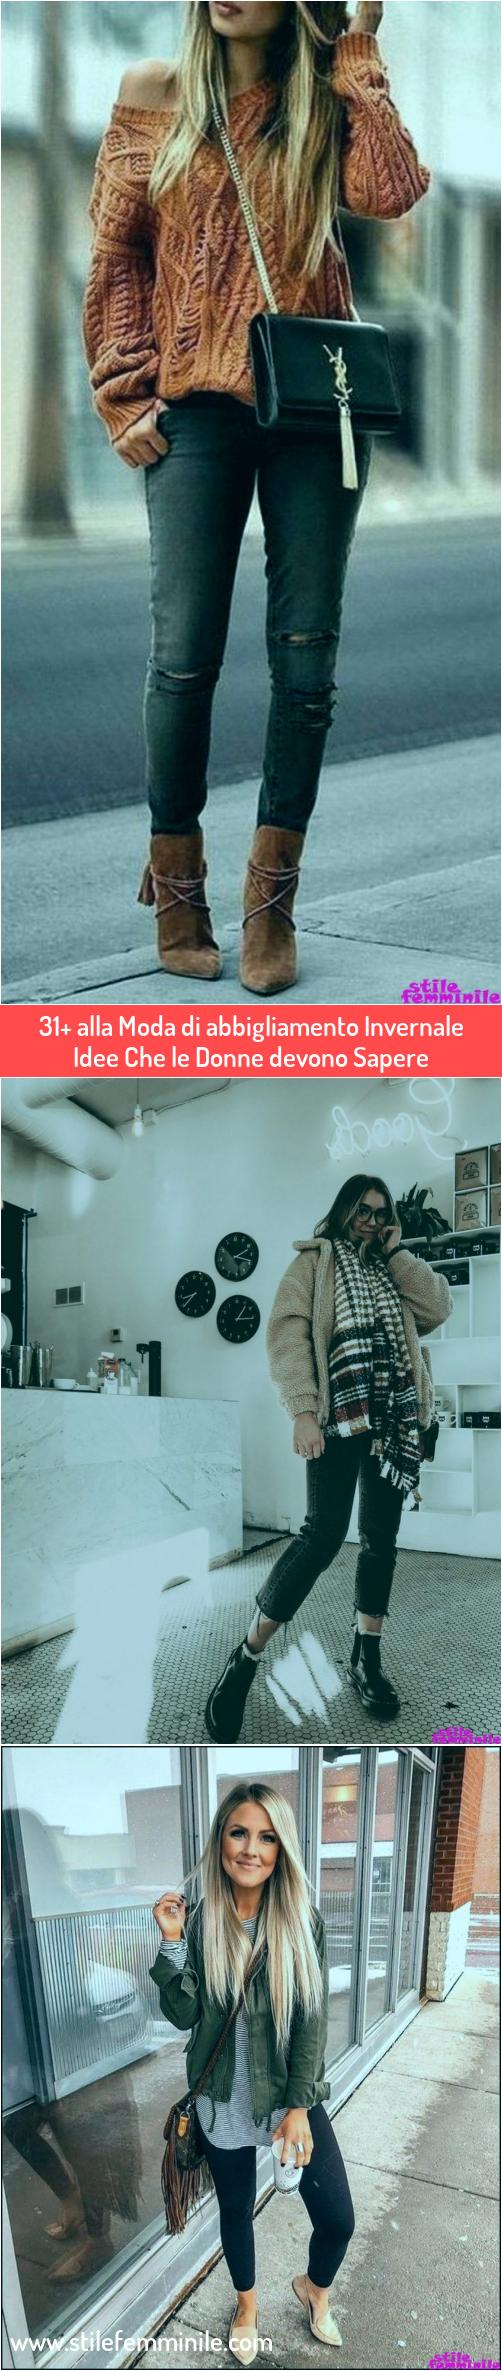 Photo of 31+ alla Moda di abbigliamento Invernale Idee Che le Donne devono Sapere